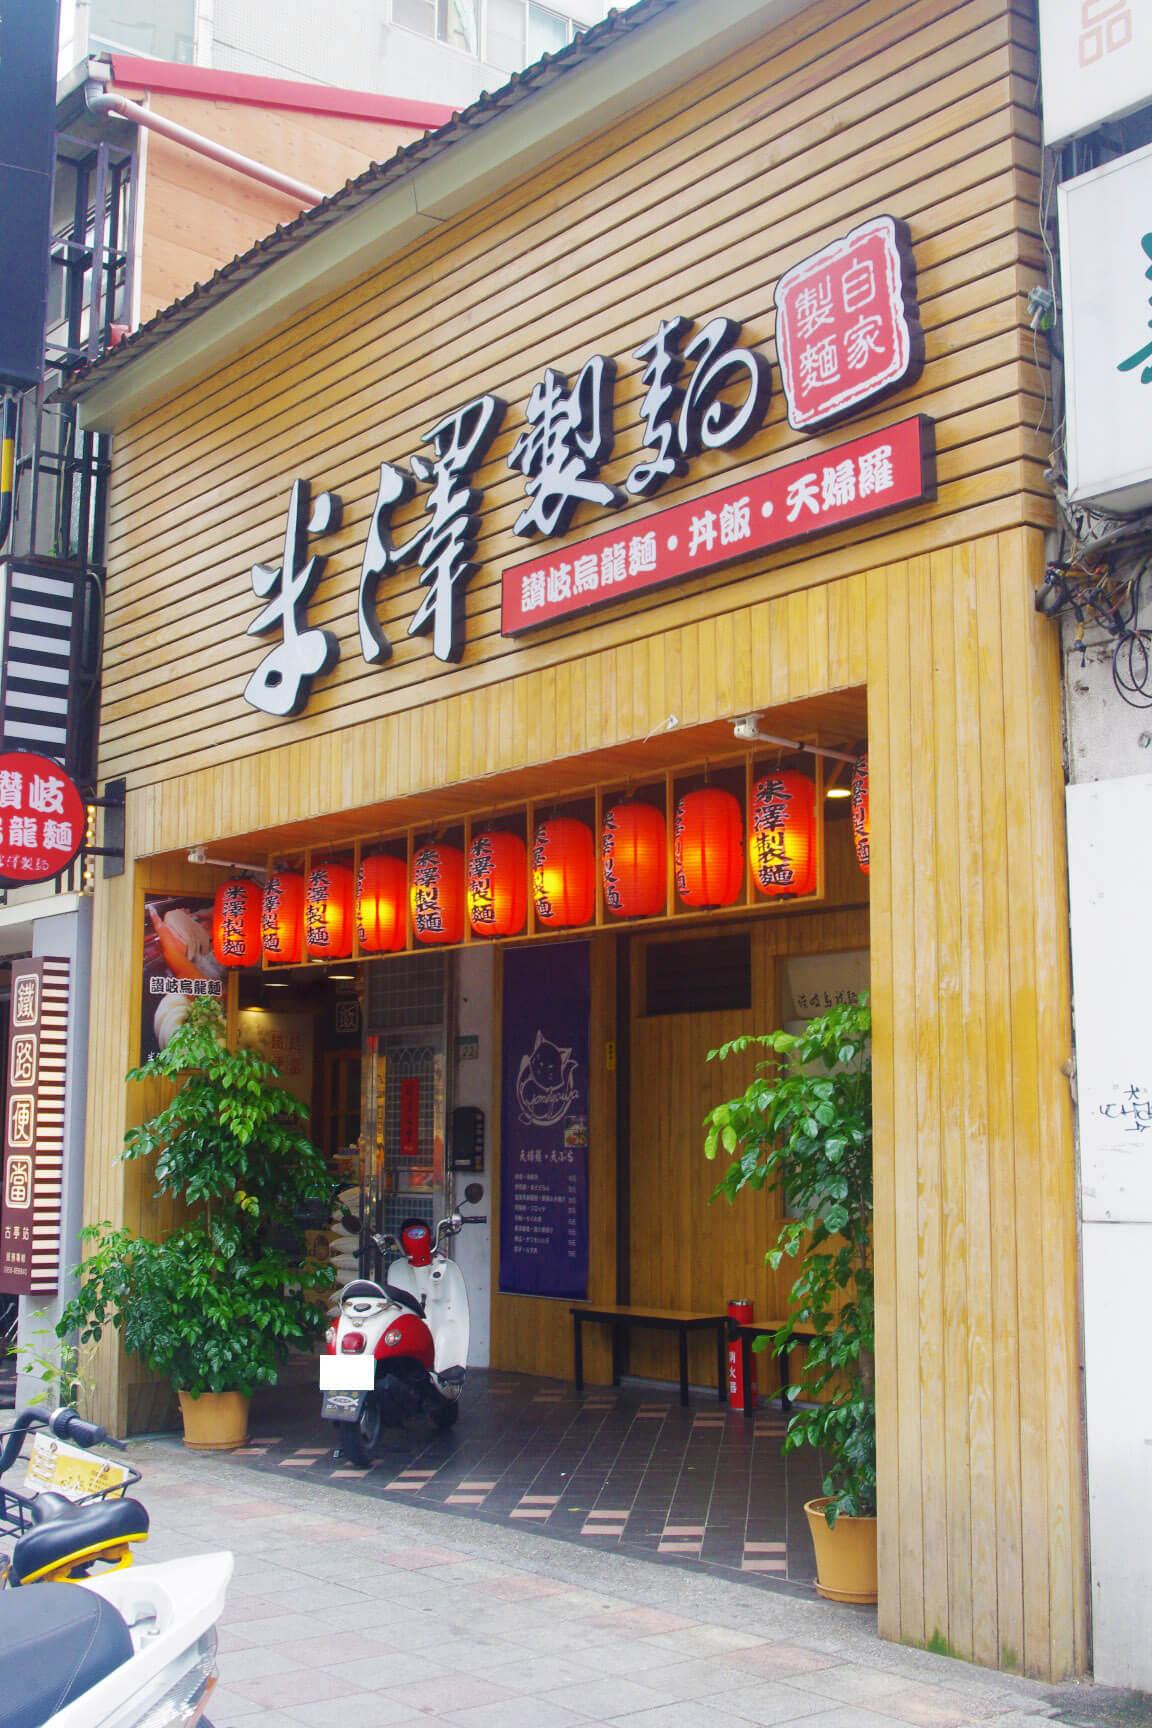 米澤製麵古亭店。(圖/吐司客拍攝)